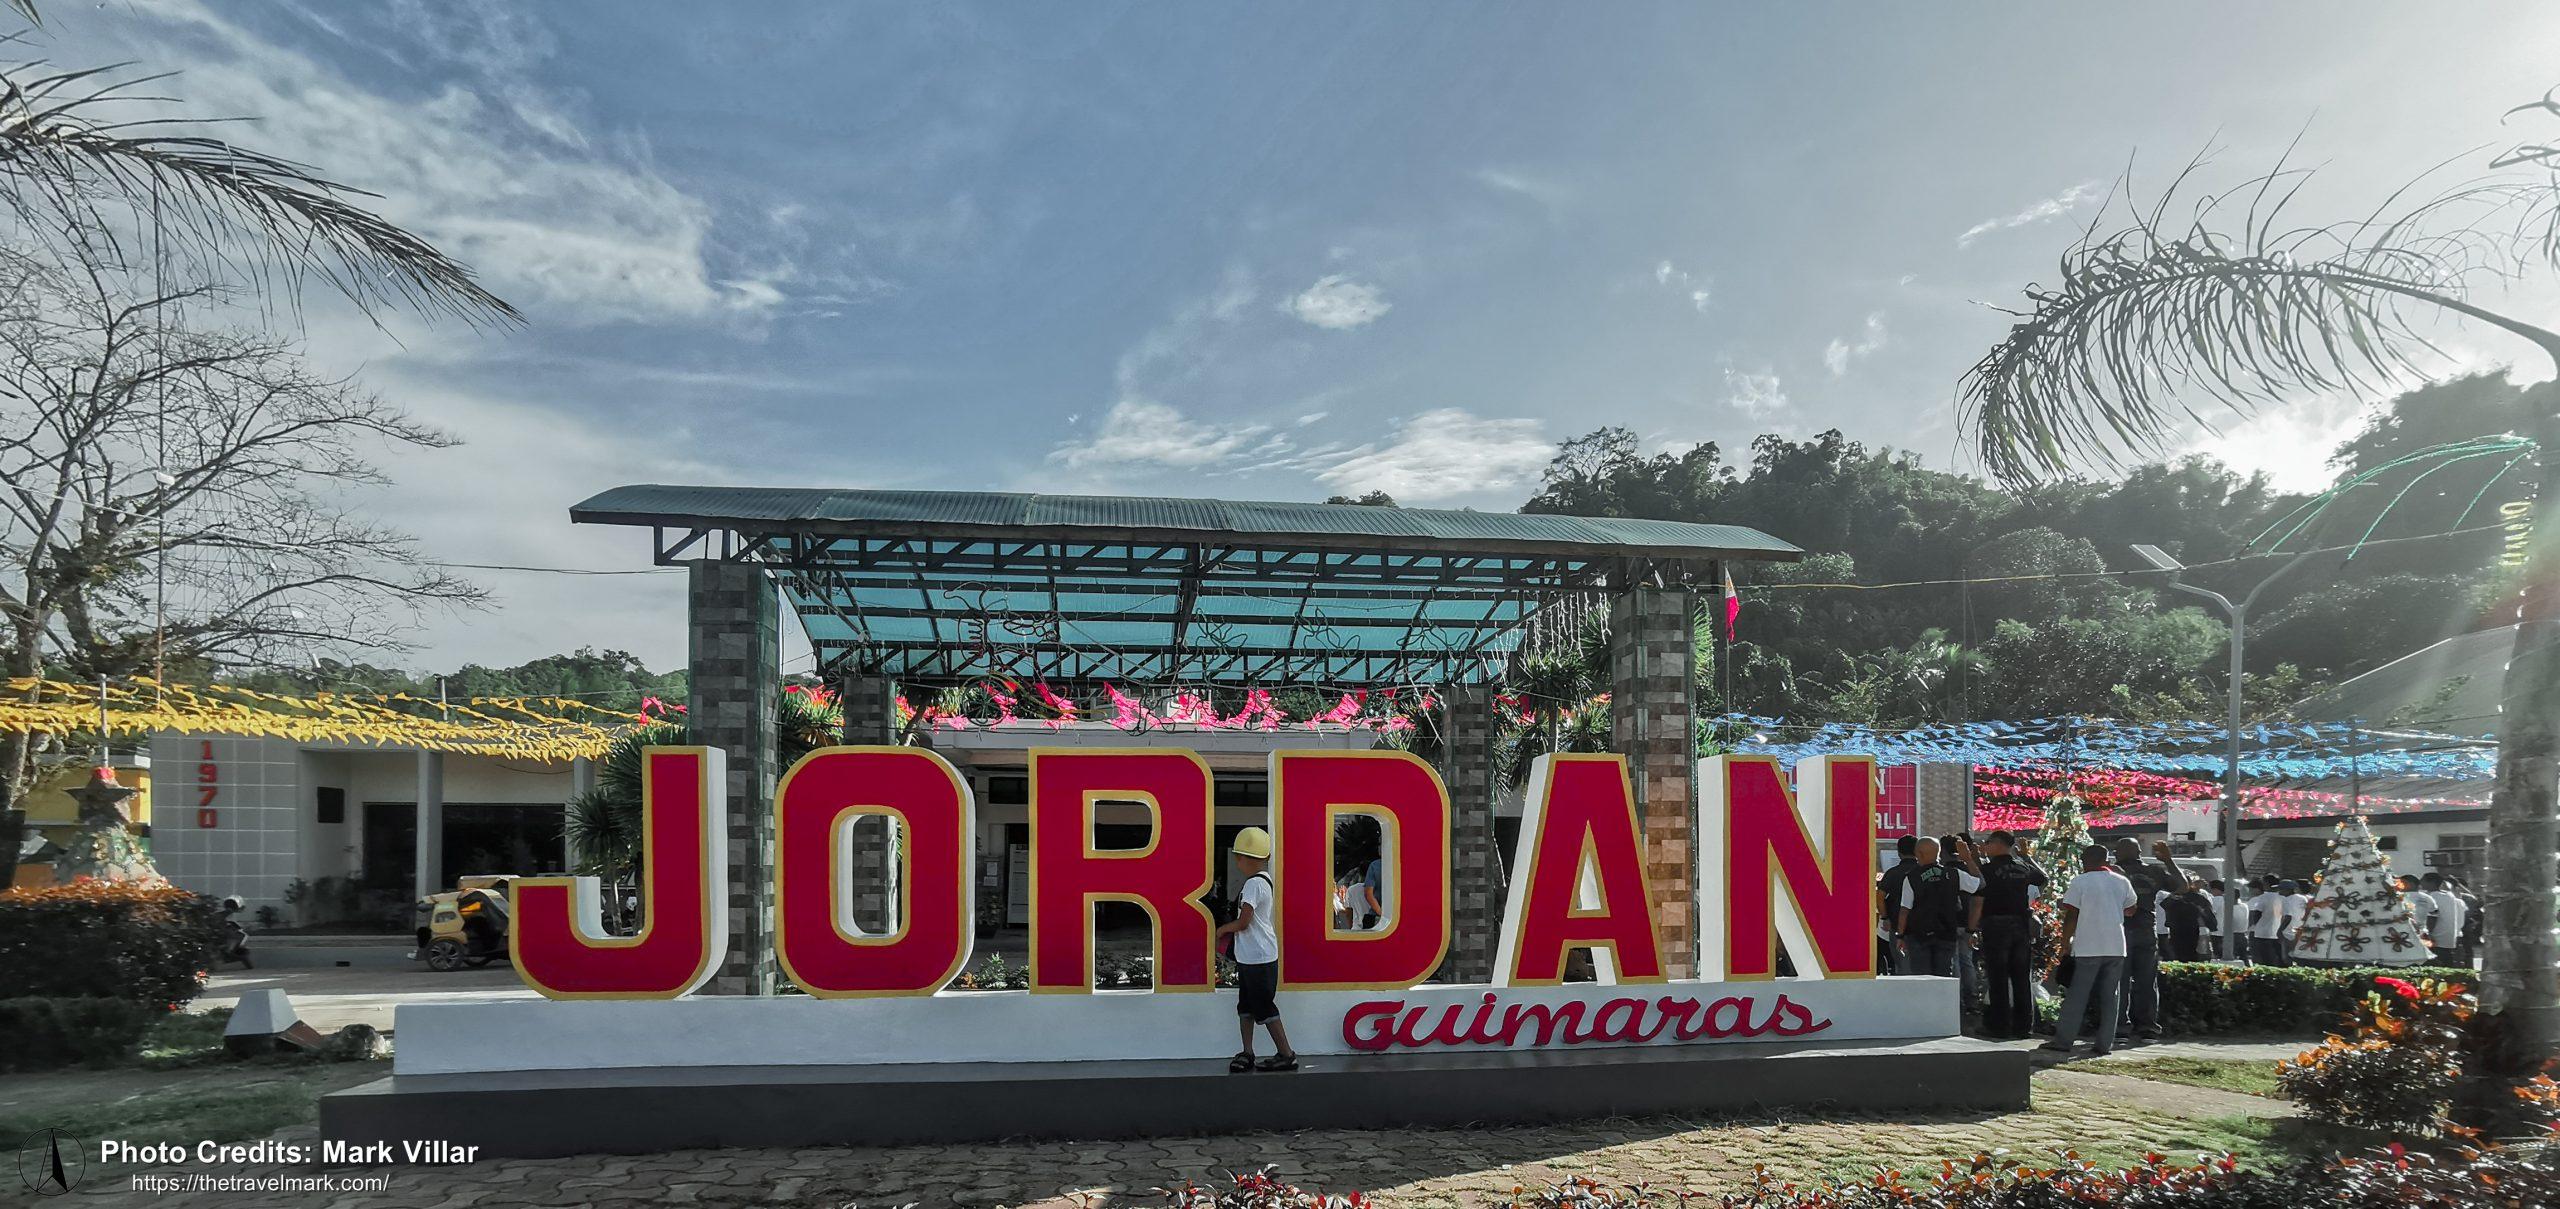 Guimaras Day Tour Itinerary - Jordan Signage